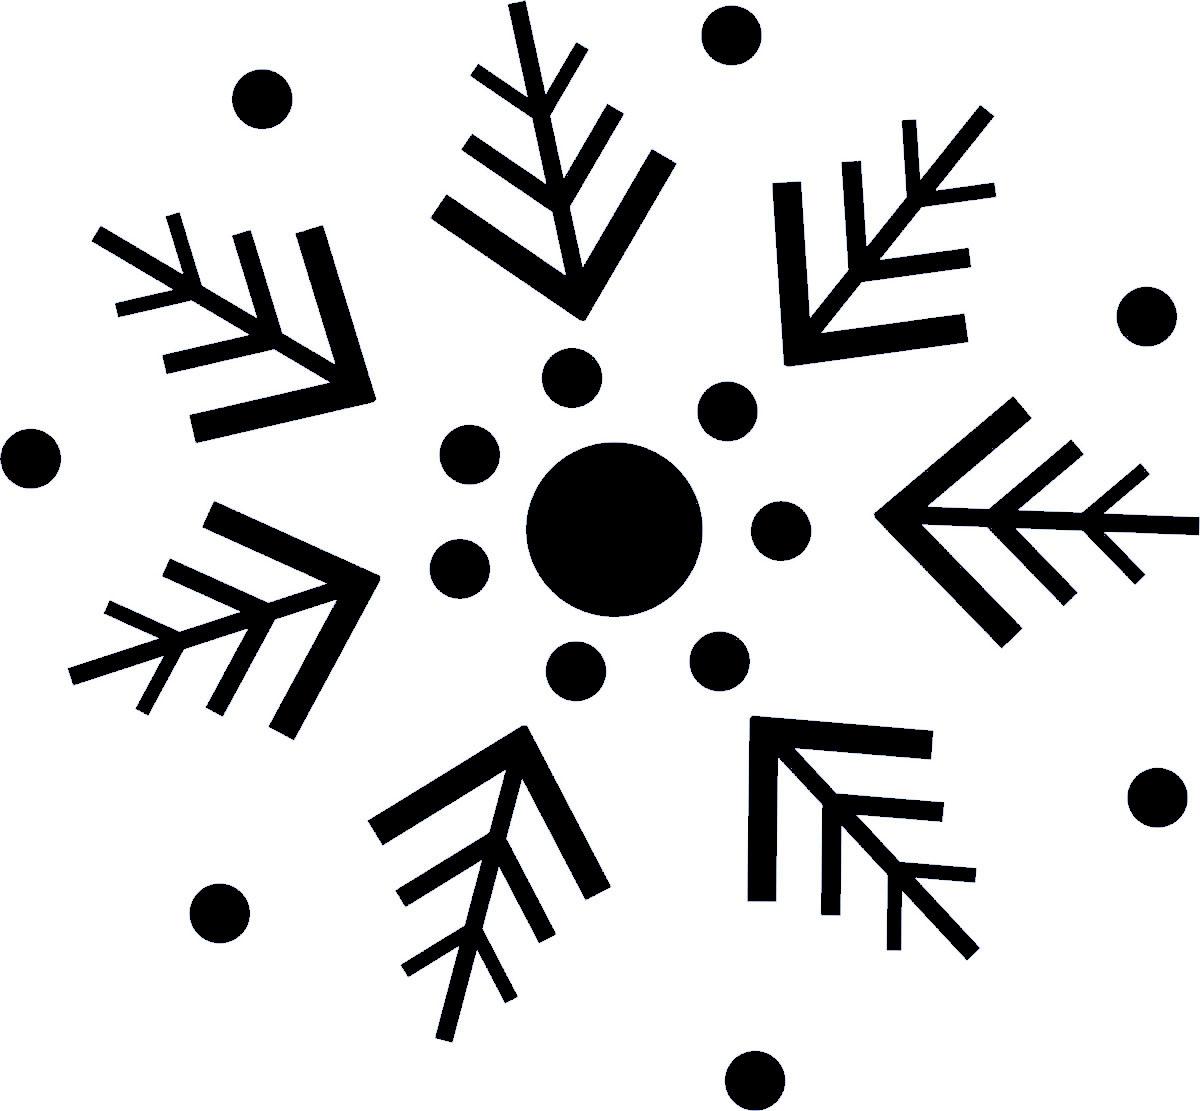 Наклейка автомобильная Оранжевый слоник Снежинка 5, виниловая, цвет: черный150NG00013BОригинальная наклейка Оранжевый слоник Снежинка 5 изготовлена из высококачественной виниловой пленки, которая выполняет не только декоративную функцию, но и защищает кузов автомобиля от небольших механических повреждений, либо скрывает уже существующие. Виниловые наклейки на автомобиль - это не только красиво, но еще и быстро! Всего за несколько минут вы можете полностью преобразить свой автомобиль, сделать его ярким, необычным, особенным и неповторимым!